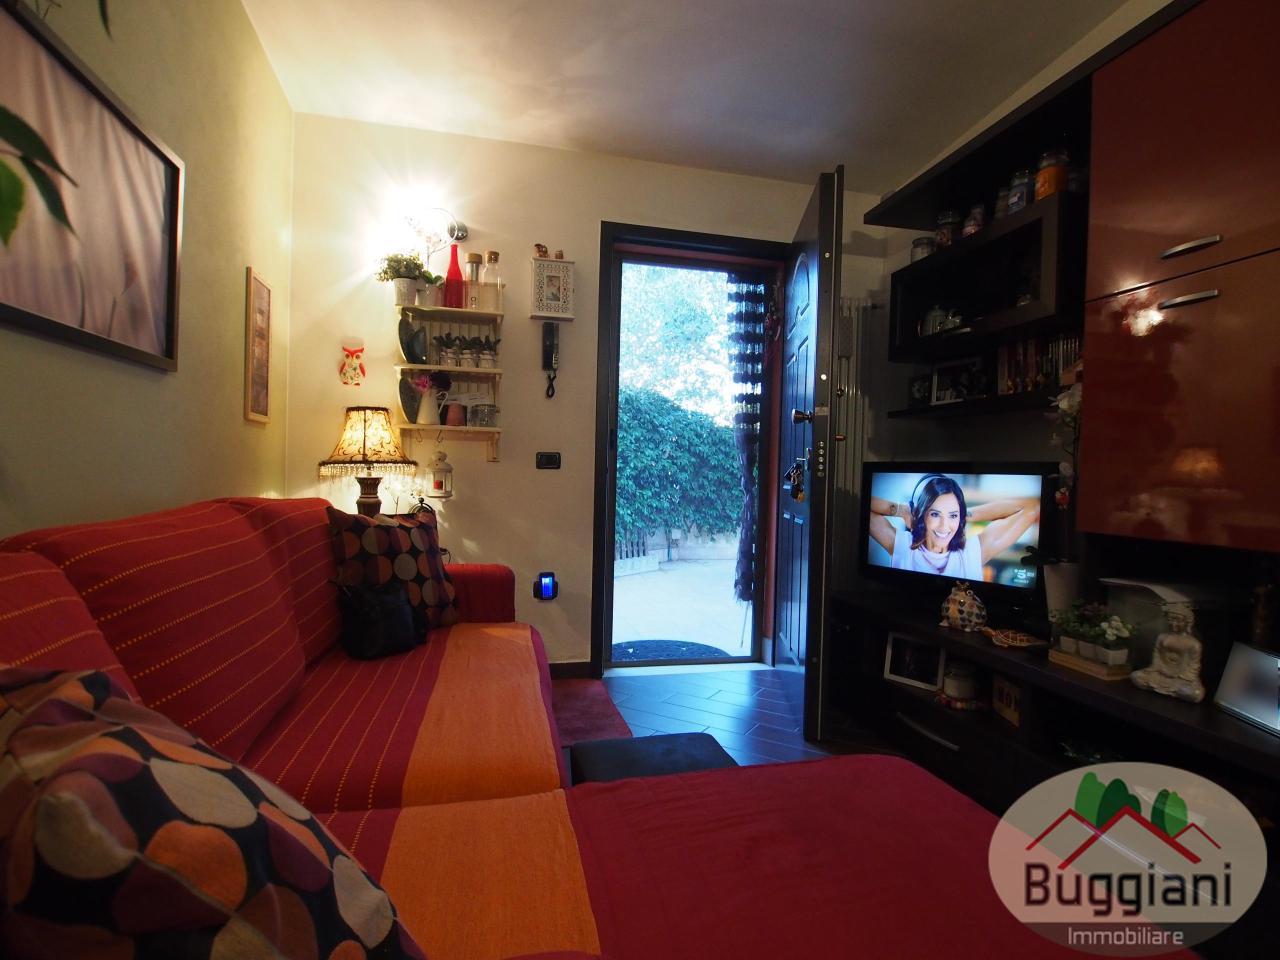 Appartamento in vendita RIF. 2452, Castelfranco di Sotto (PI)